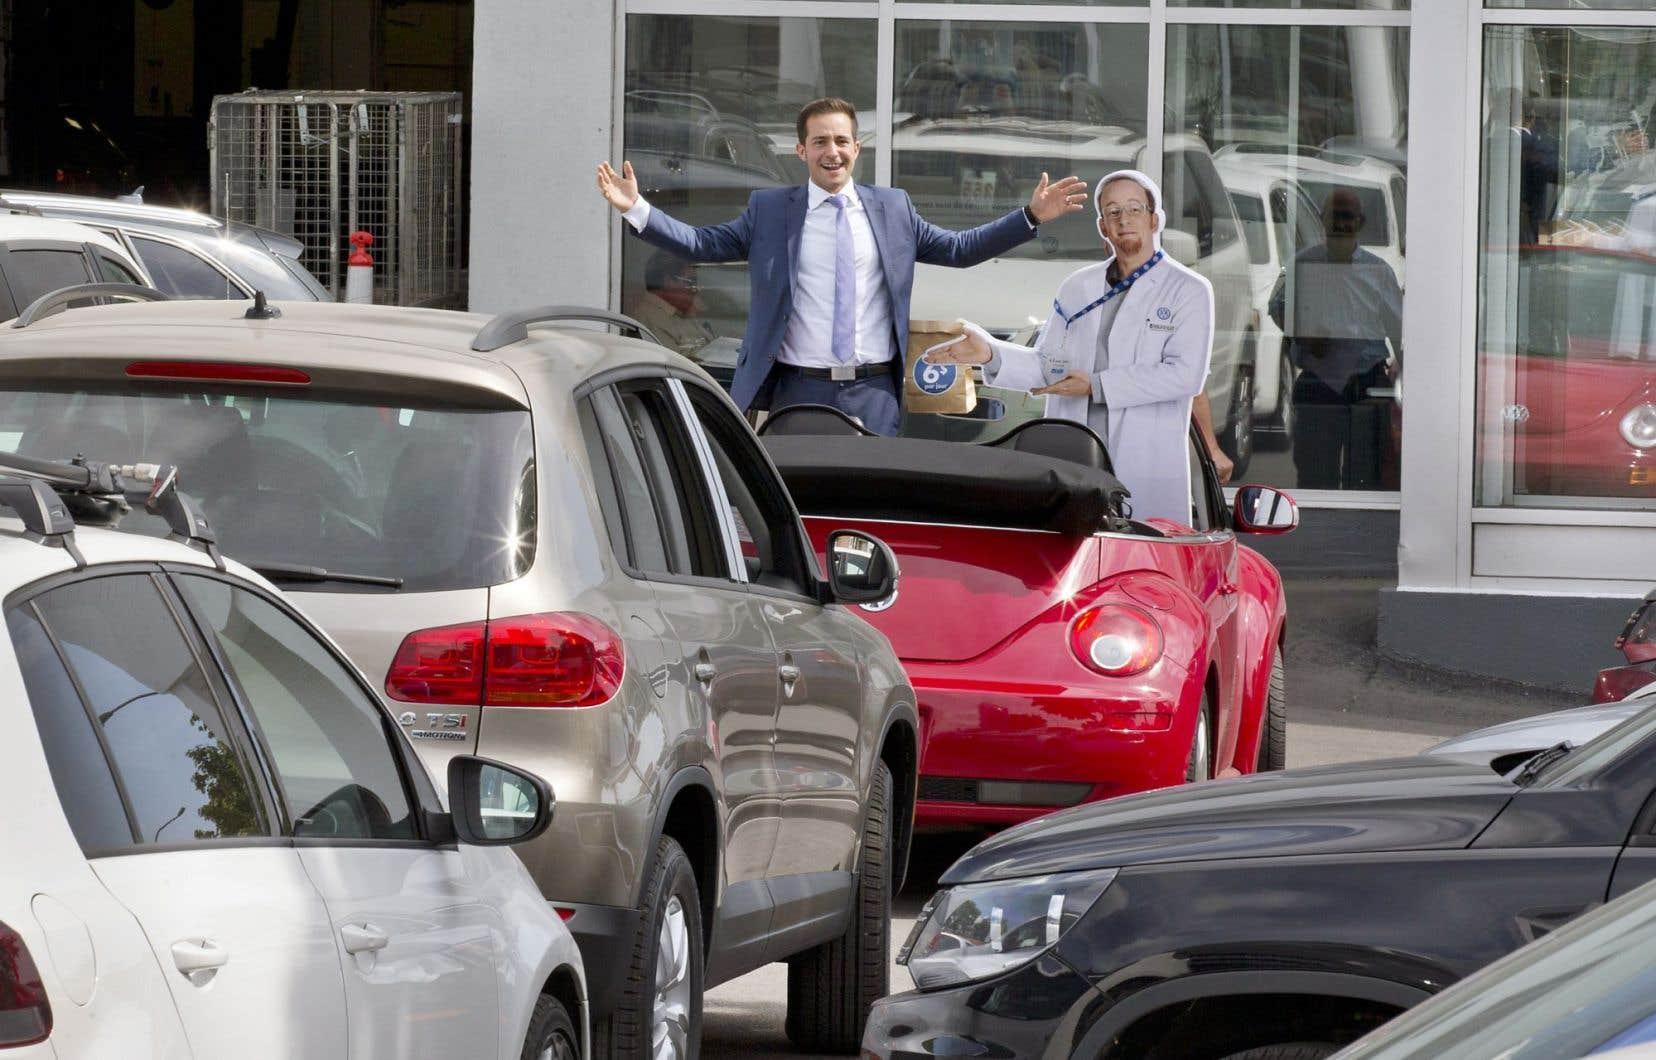 Charles Bassili, le directeur général de Volkswagen Popular, à Montréal, pose à côté d'une pancarte publicitaire qui vante les faibles coûts d'achat d'une voiture. Selon lui, les Québécois adorent les voitures, mais ne veulent pas l'admettre.